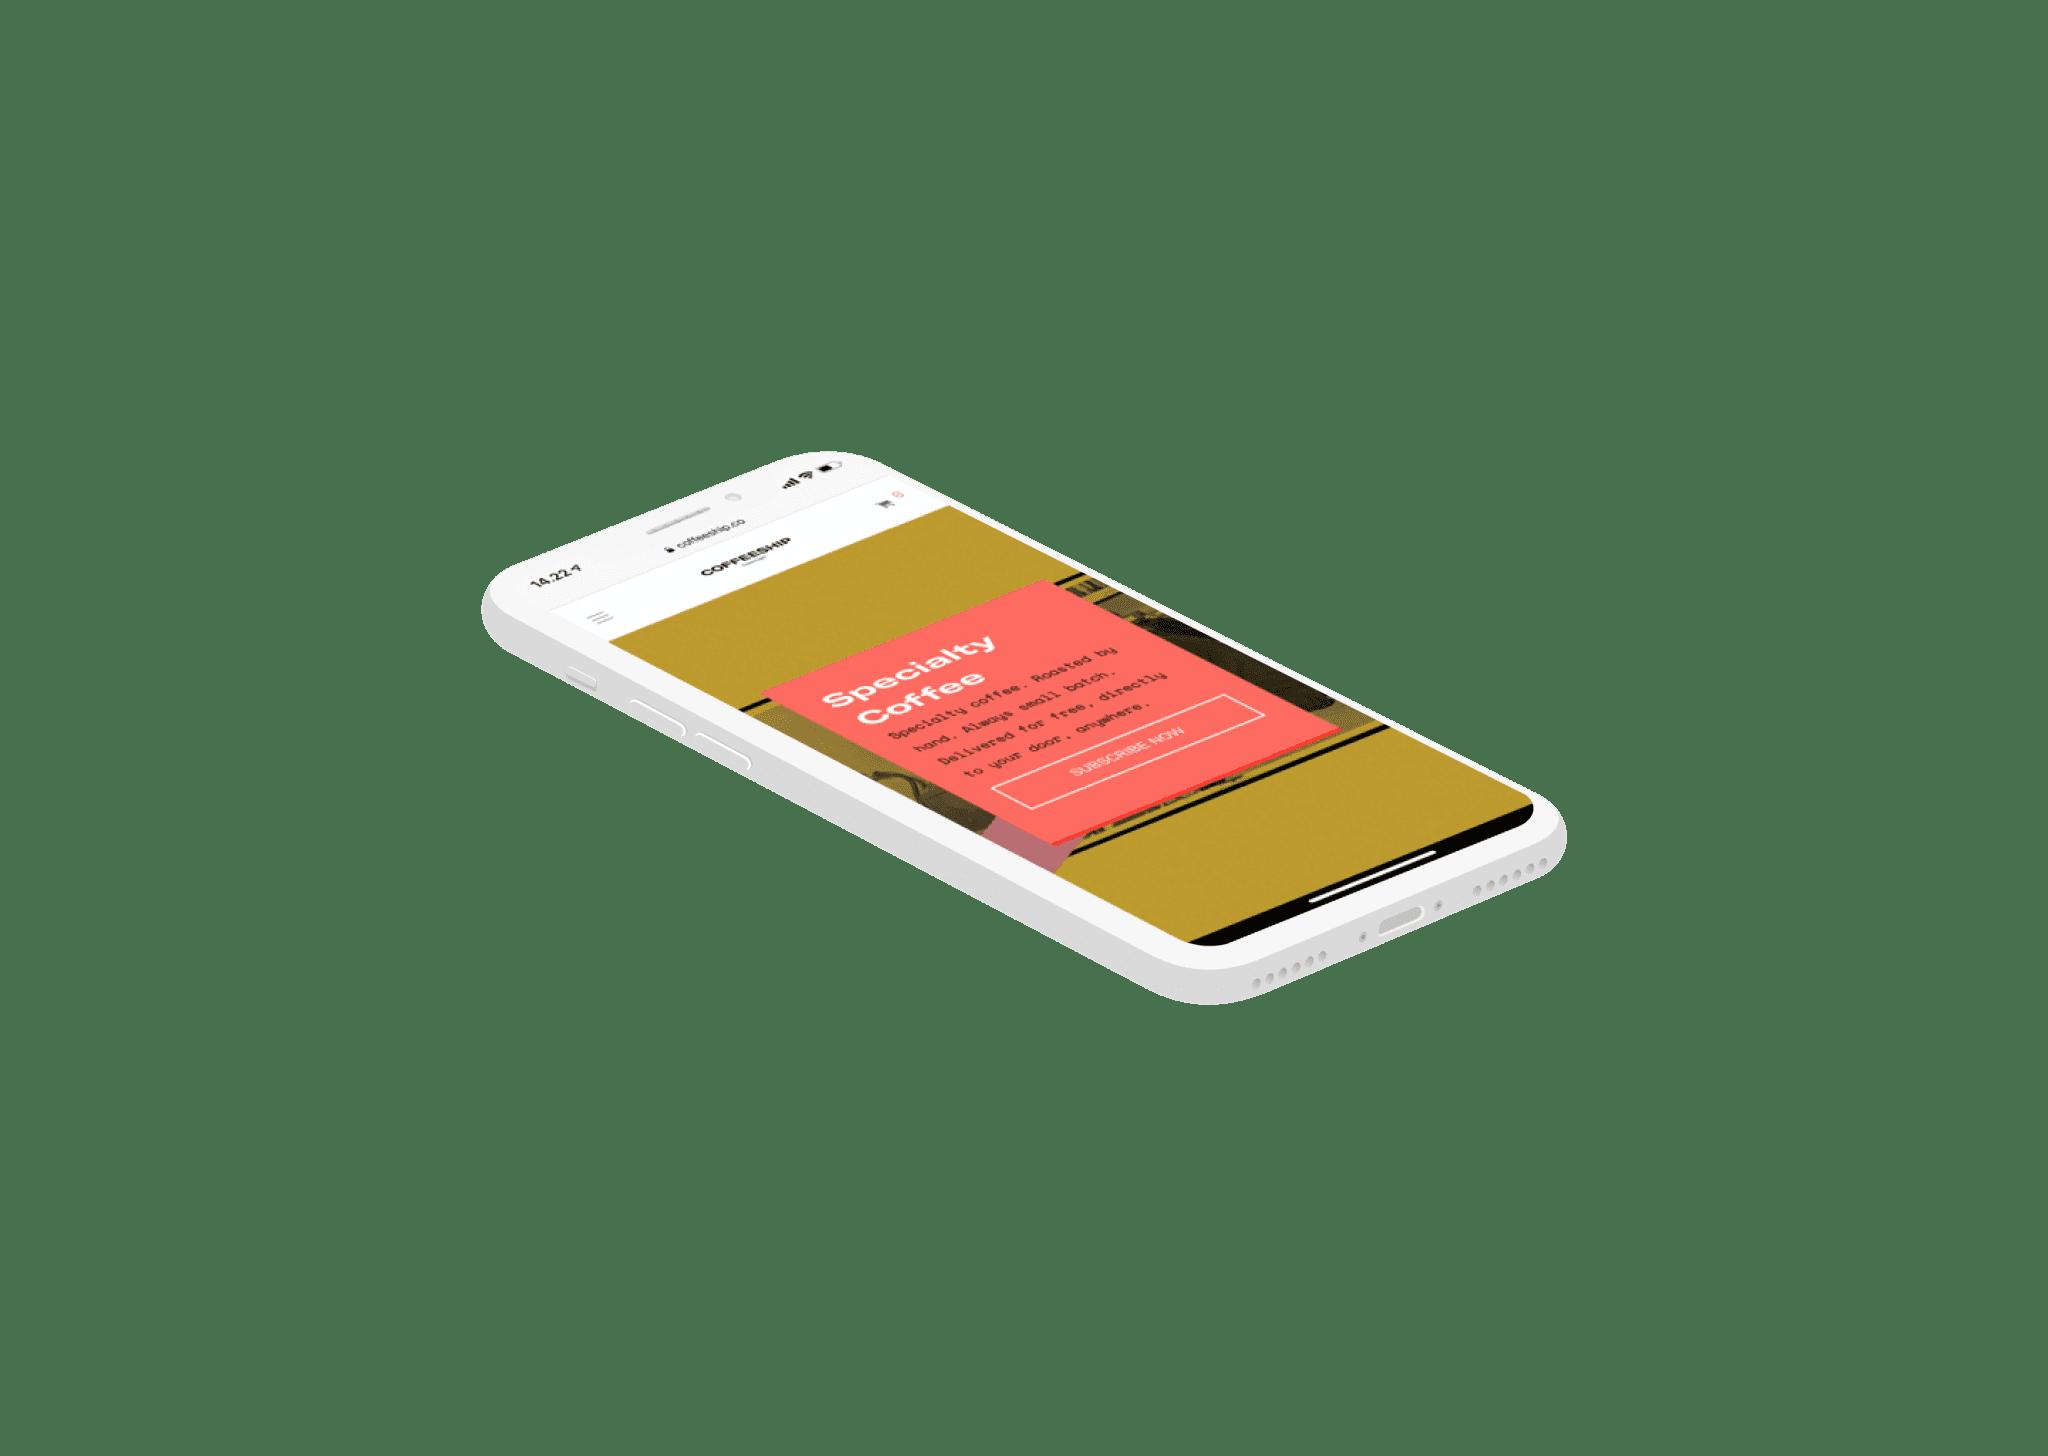 Coffeeship5- Iphone X@2x